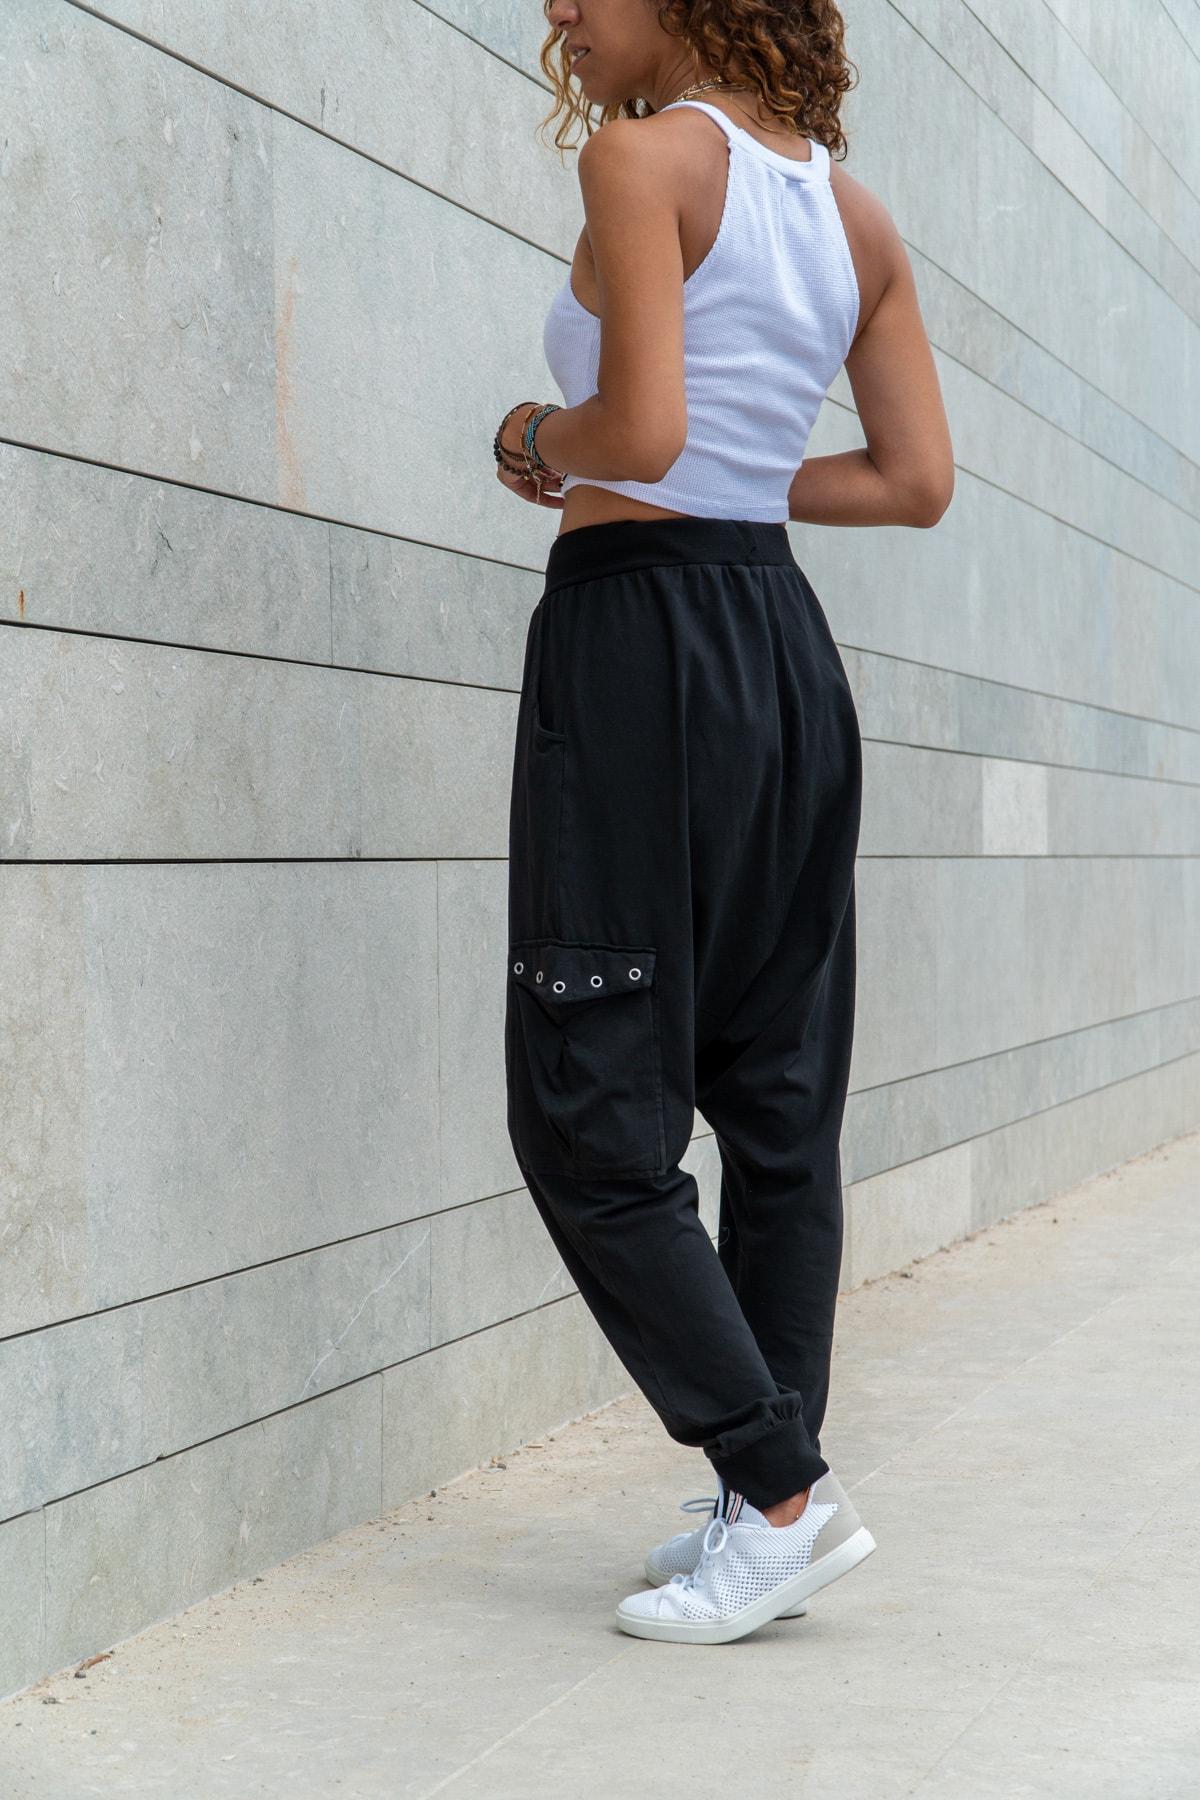 Güneşkızı Kadın Siyah Yıkamalı Zımbalı Cepli Beli Lastikli Şalvar Pantolon GK-RSD2002 2